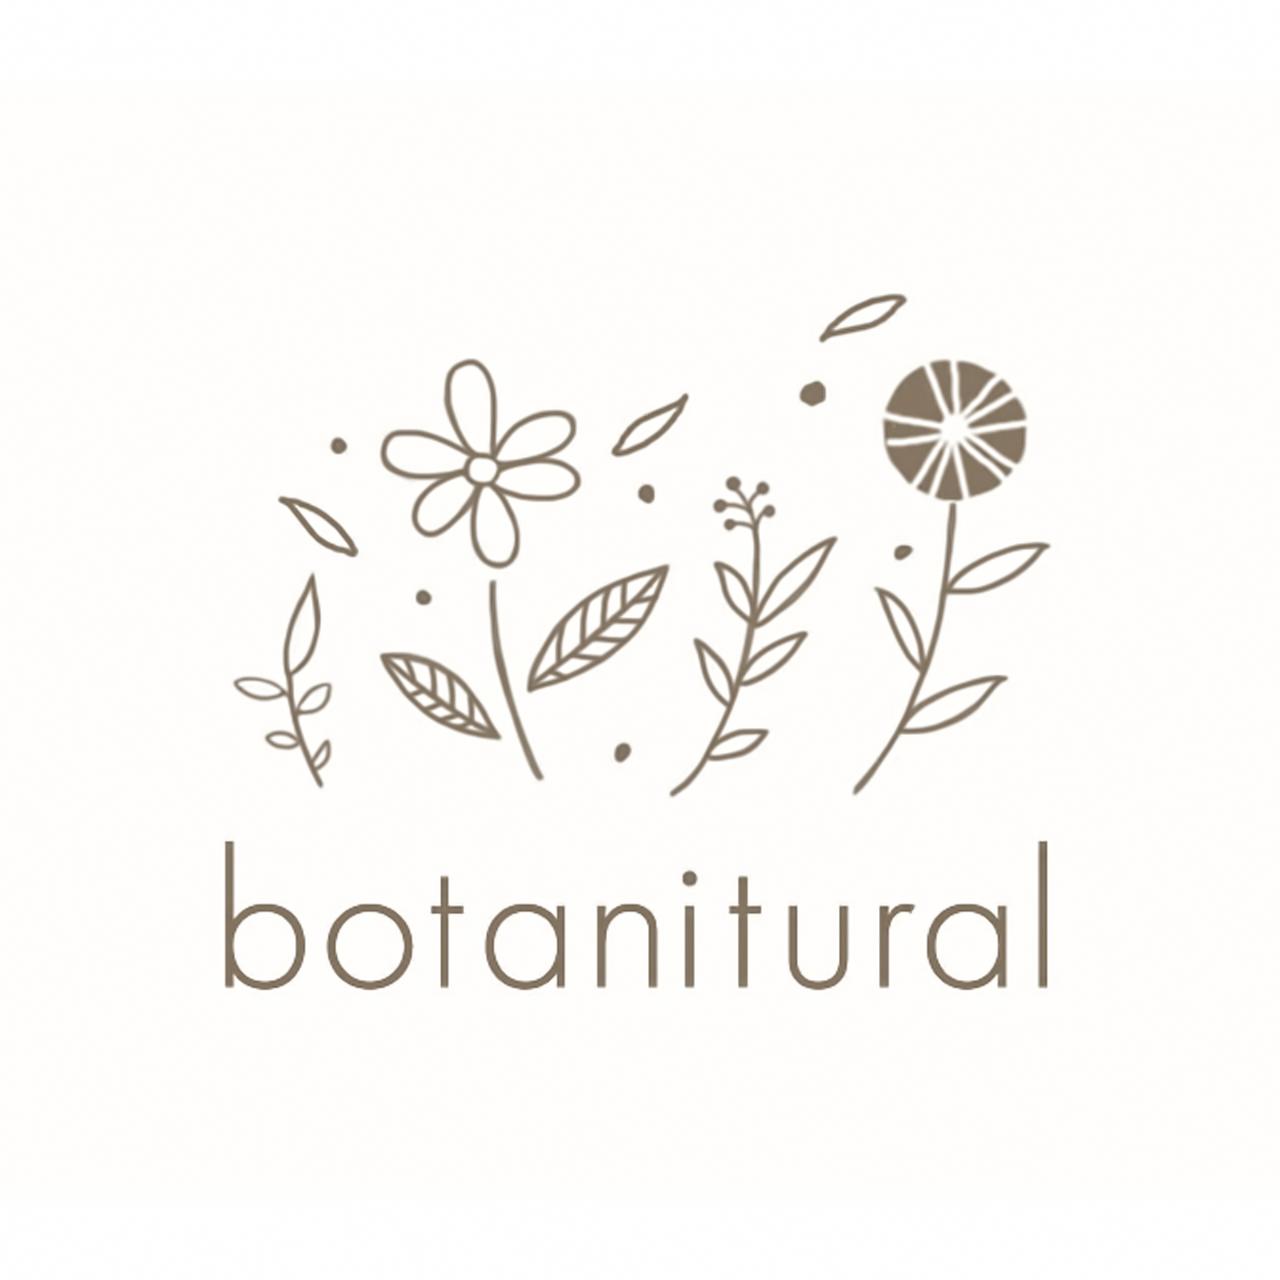 botanitural - ボタニチュラル